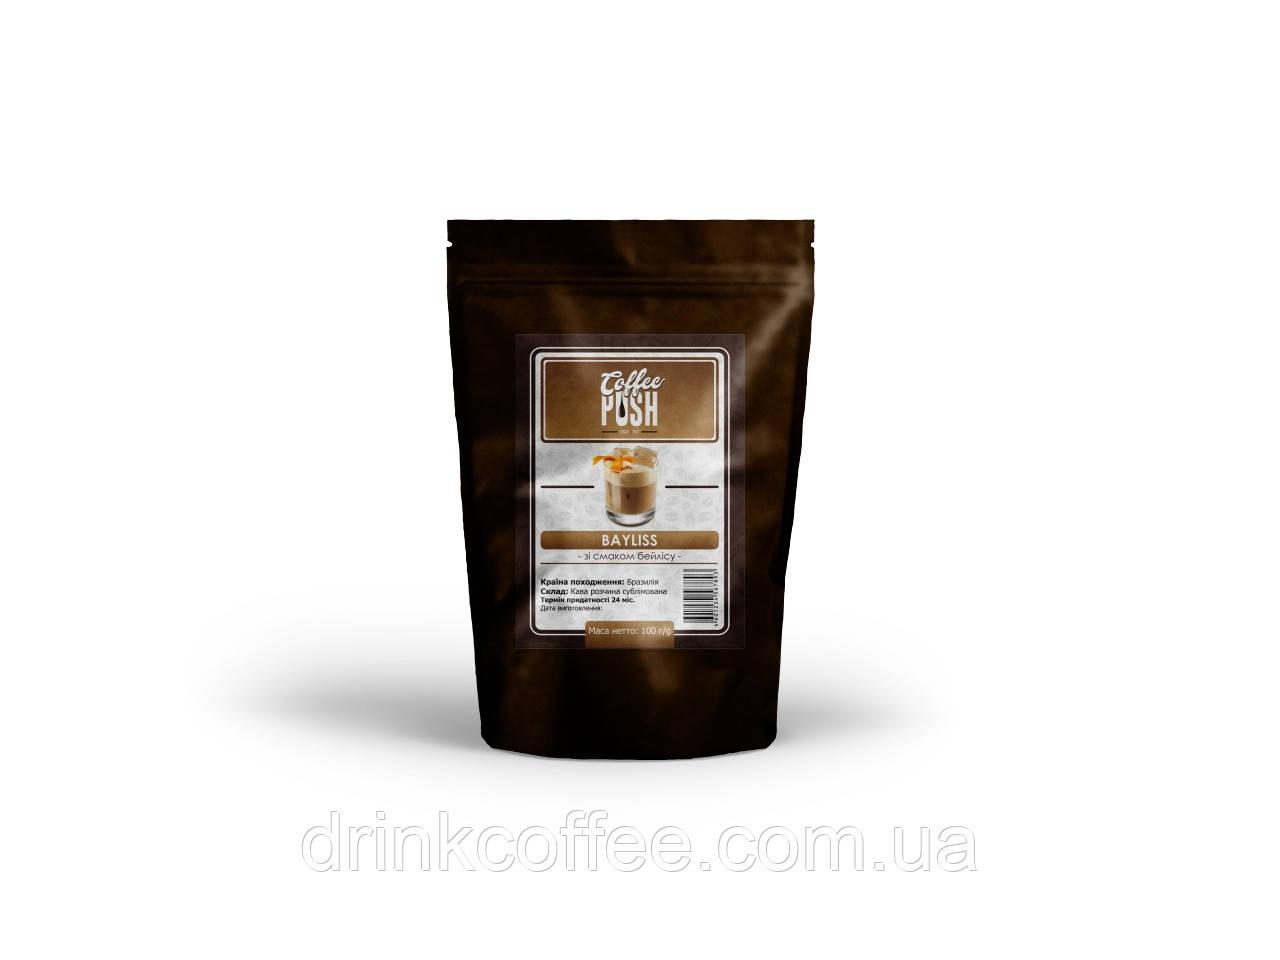 Кофе растворимый Бейлис, Бразилия, 100г